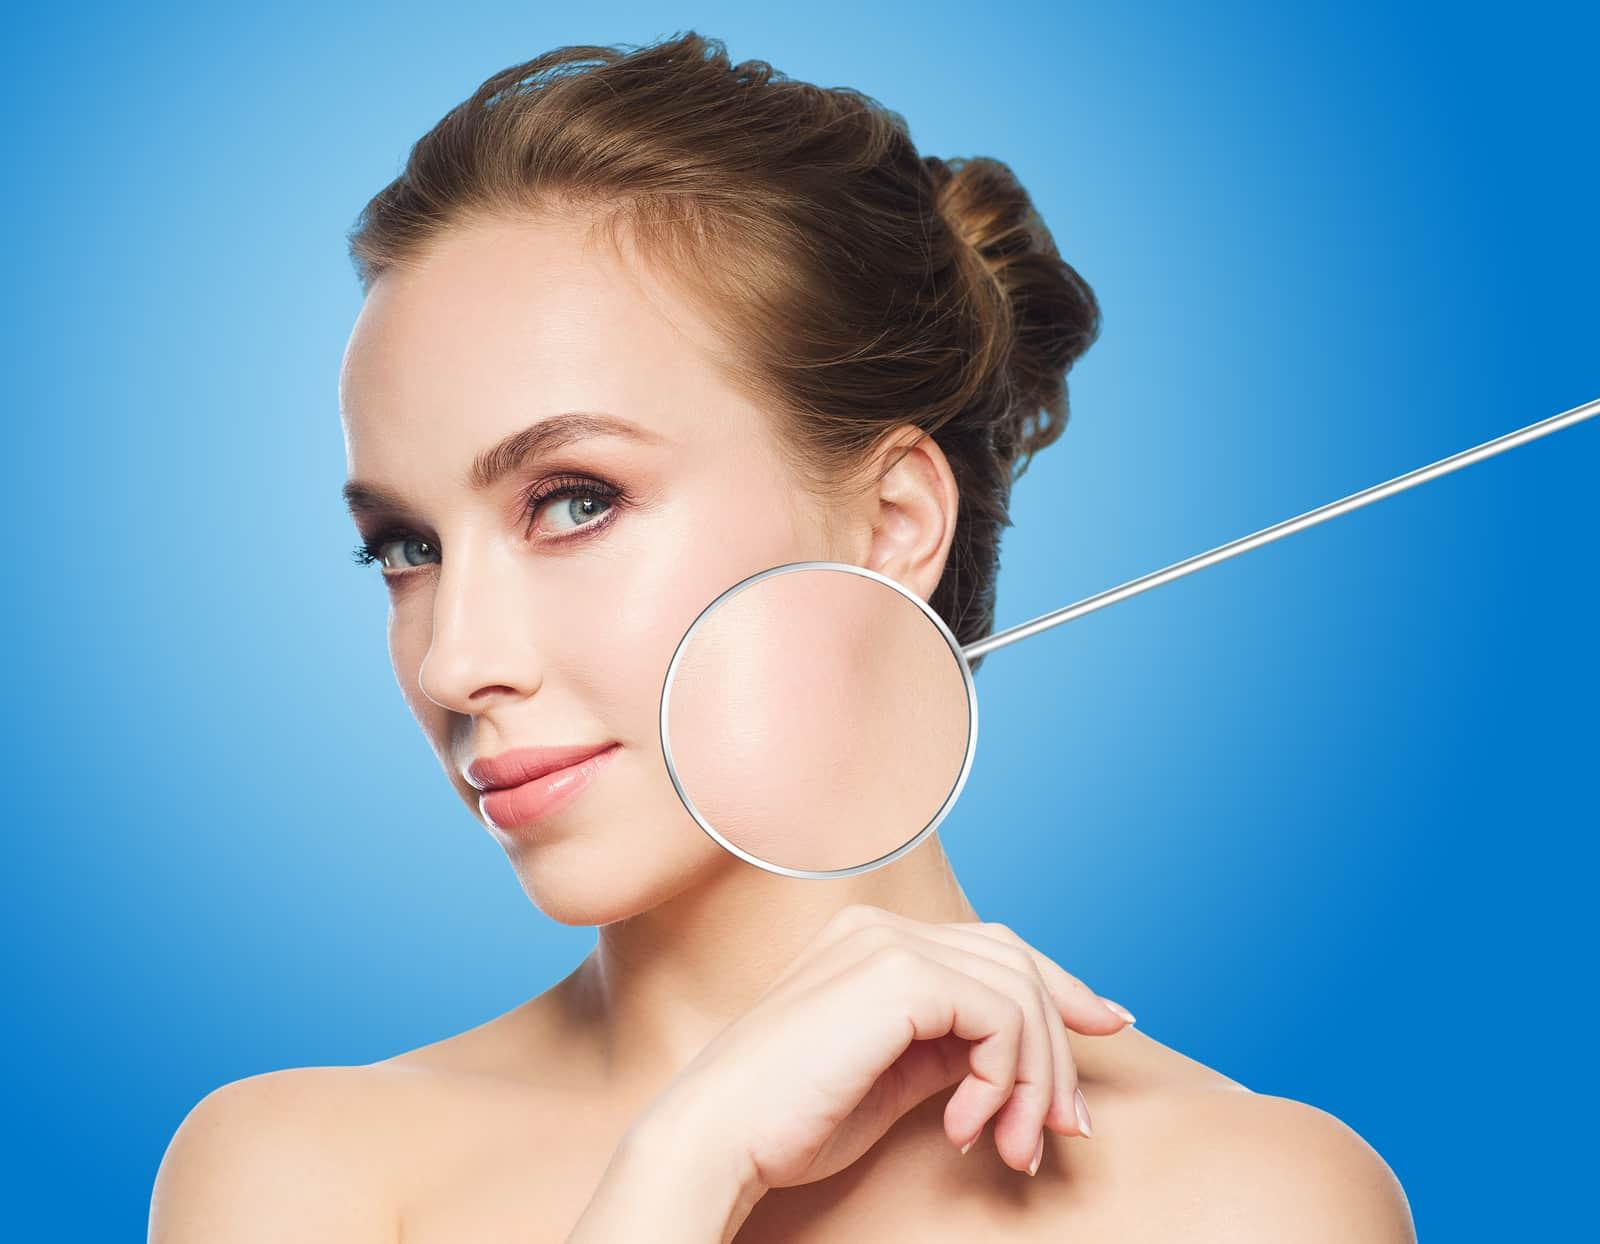 Reason to Get Skin Rejuvenation